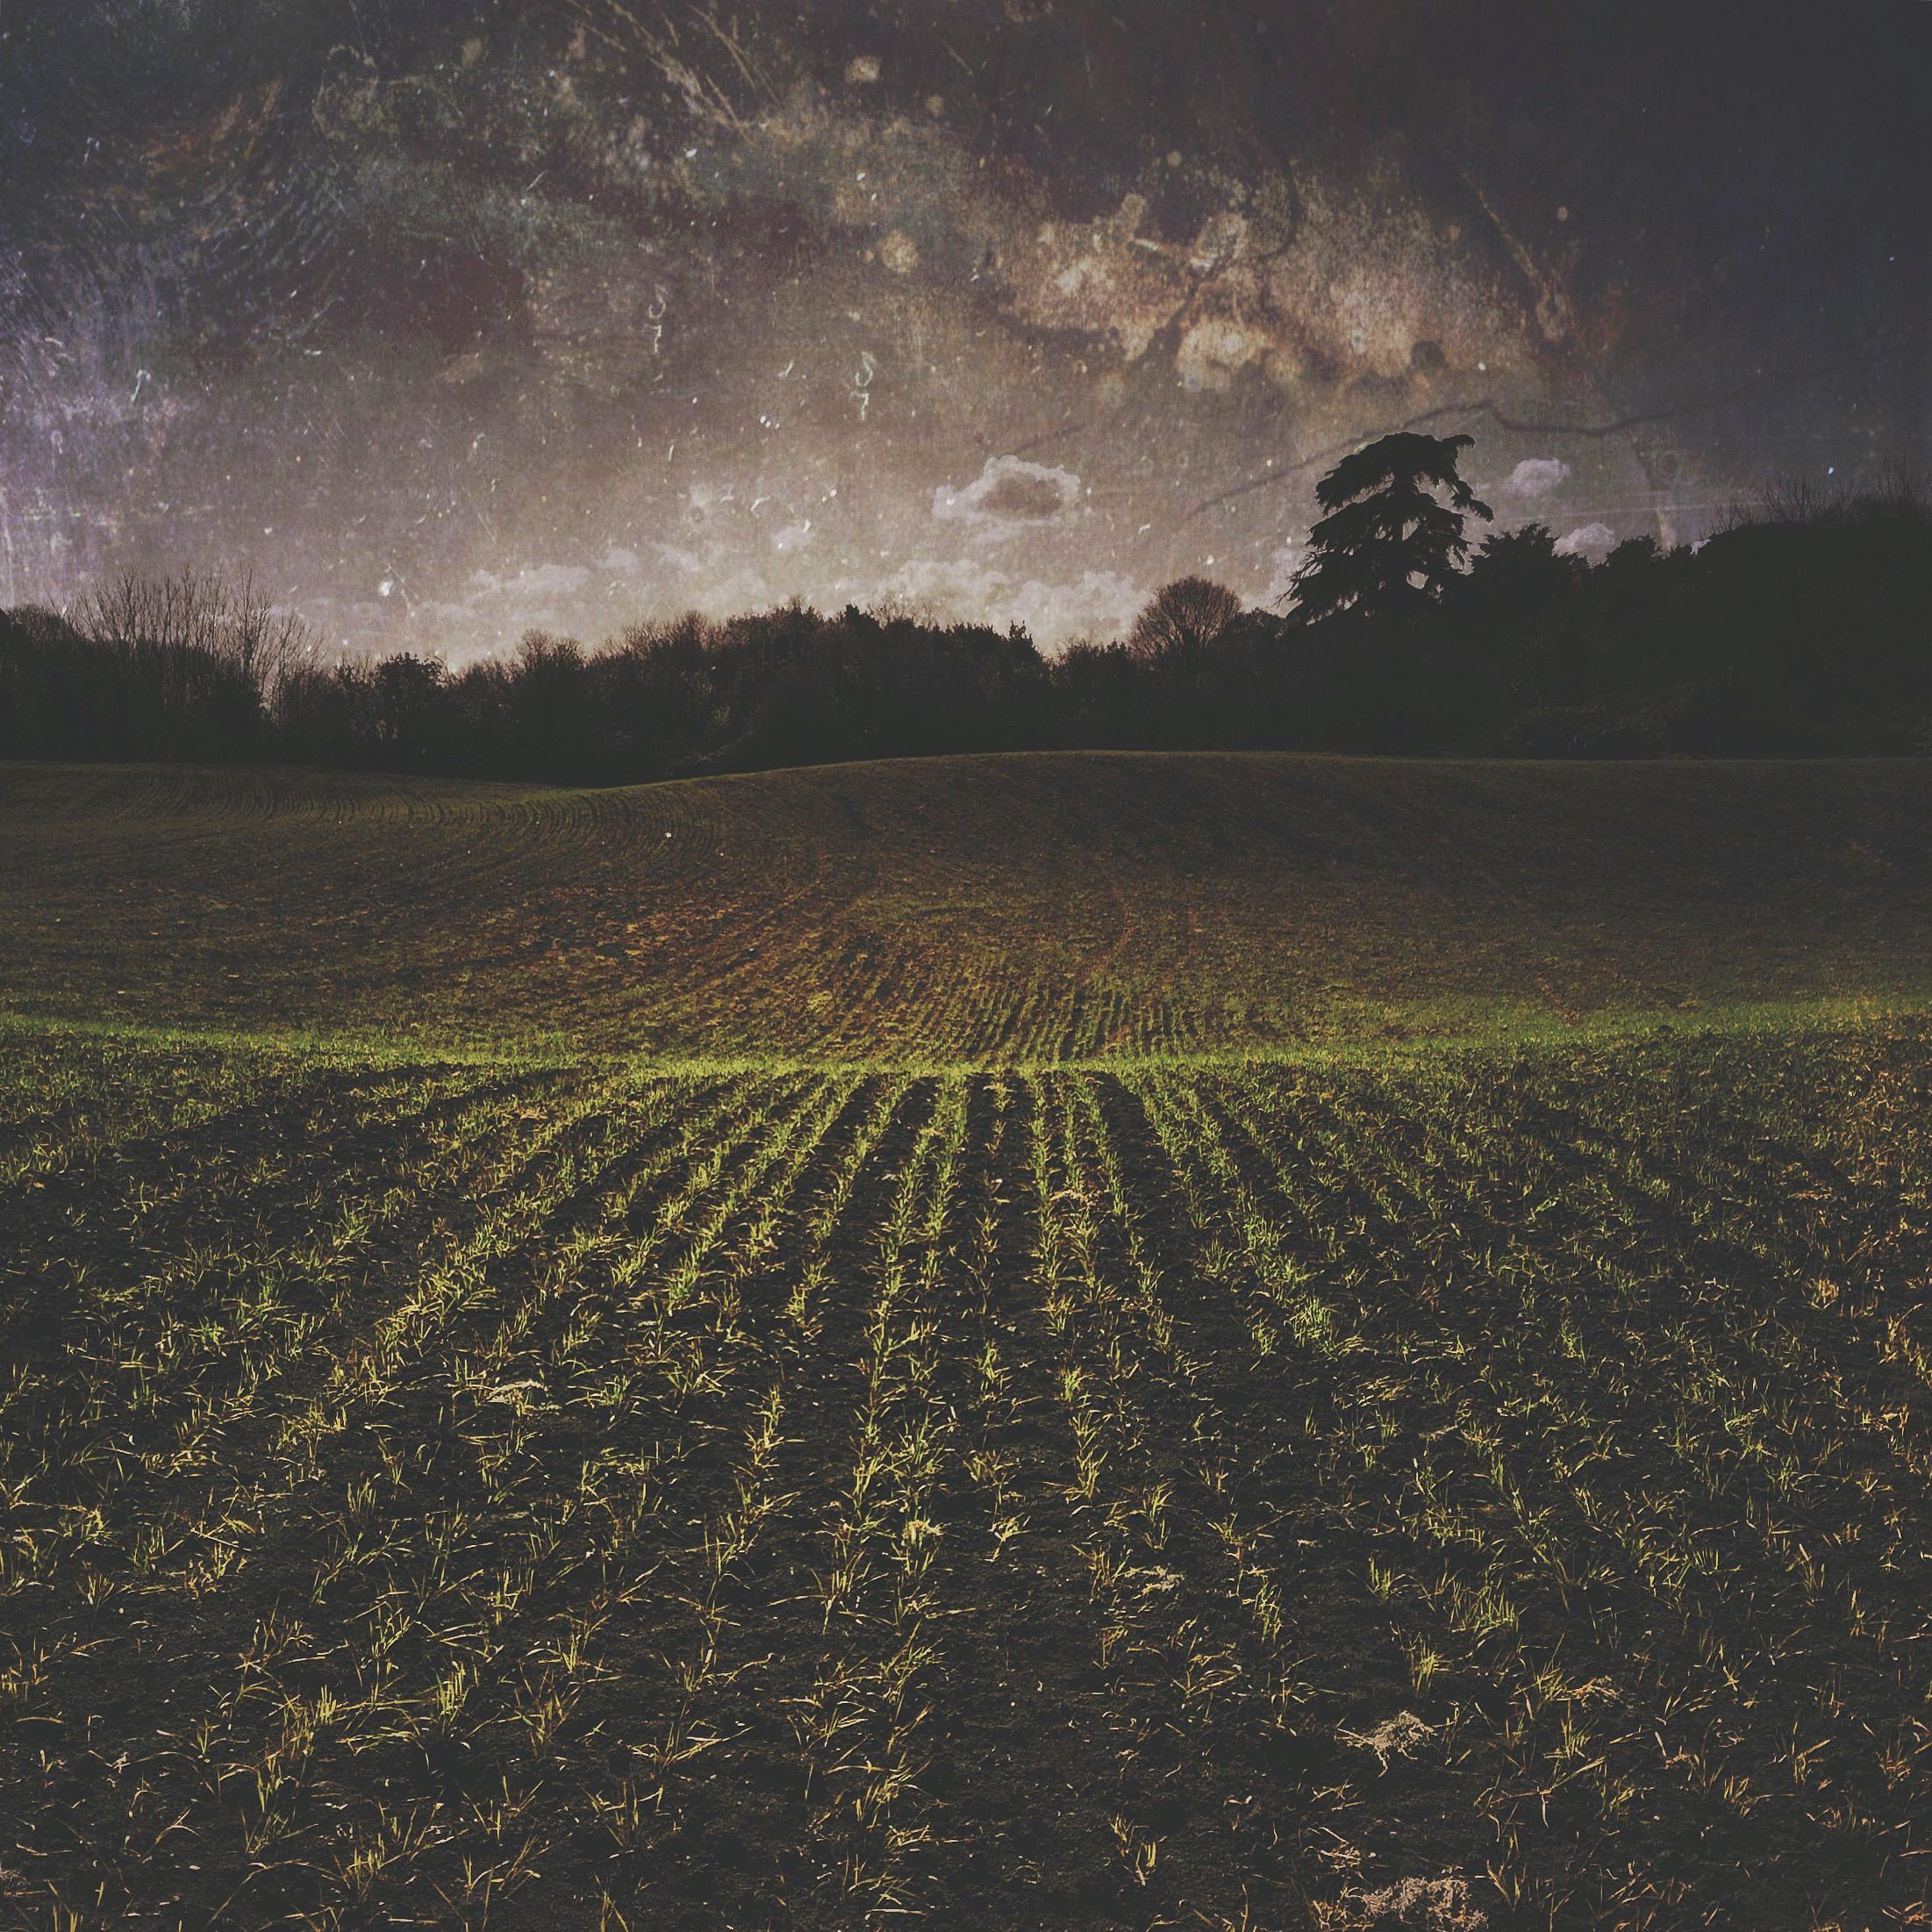 landscape-IMG_7415.JPG